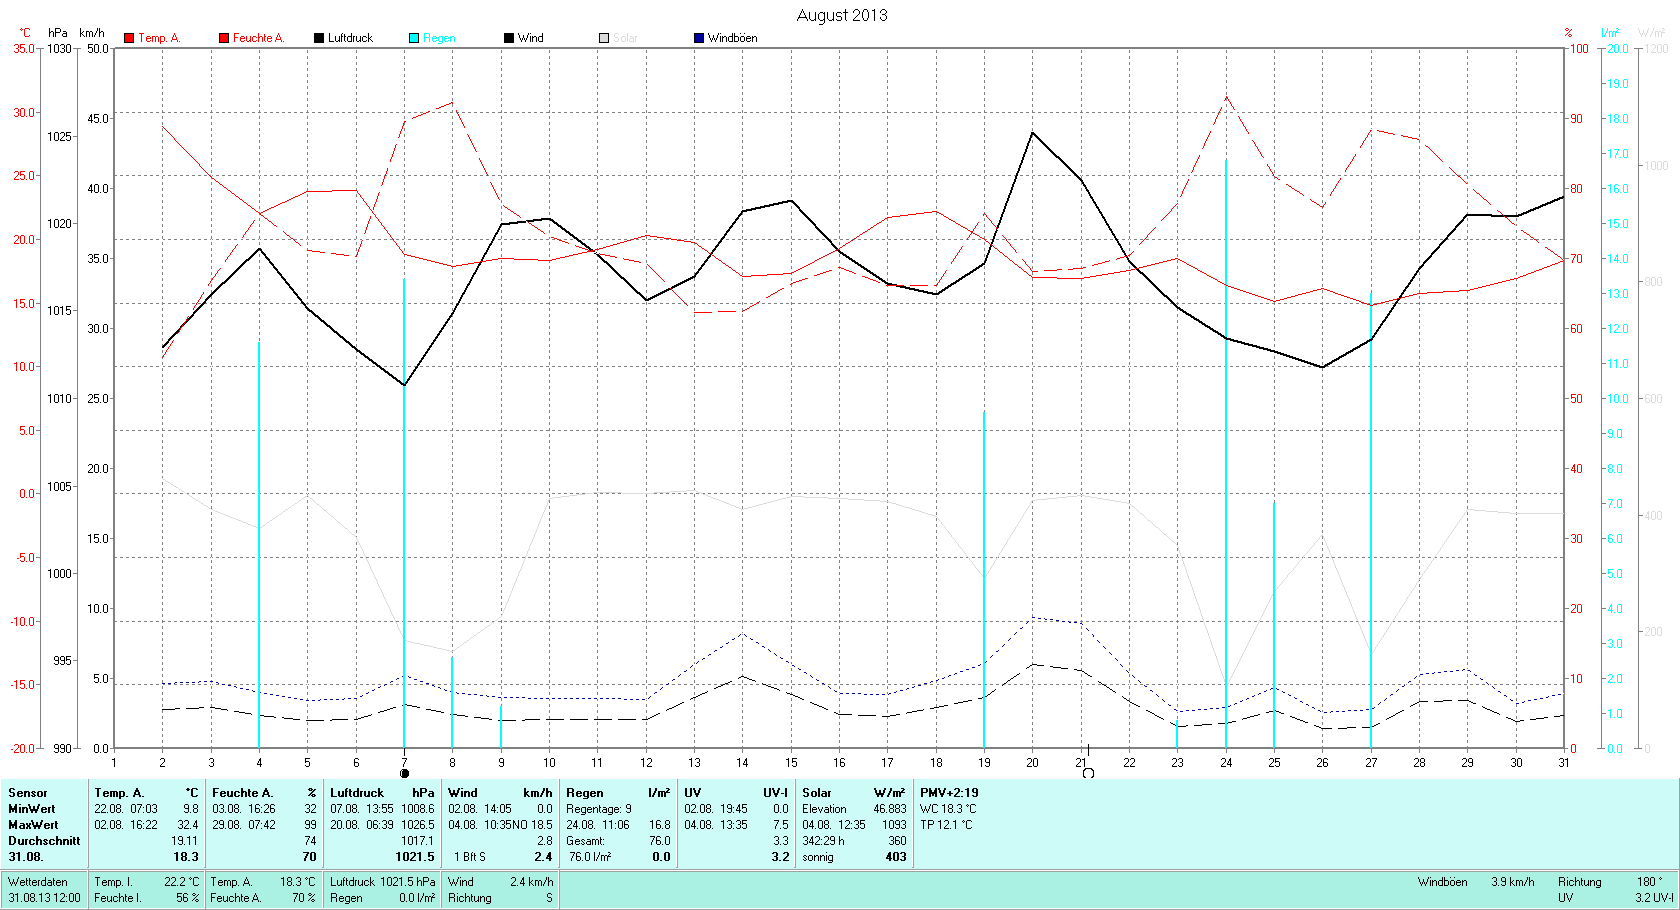 August  Tmin 9.8°C, Tmax 32.4°C, Sonne 244:09h, Niederschlag 76mm/2